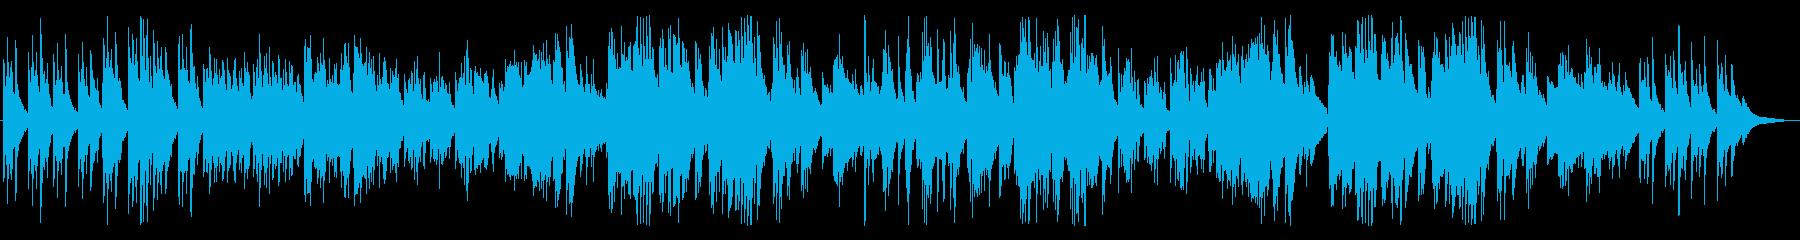 夜空、切ないメロディのピアノBGMの再生済みの波形